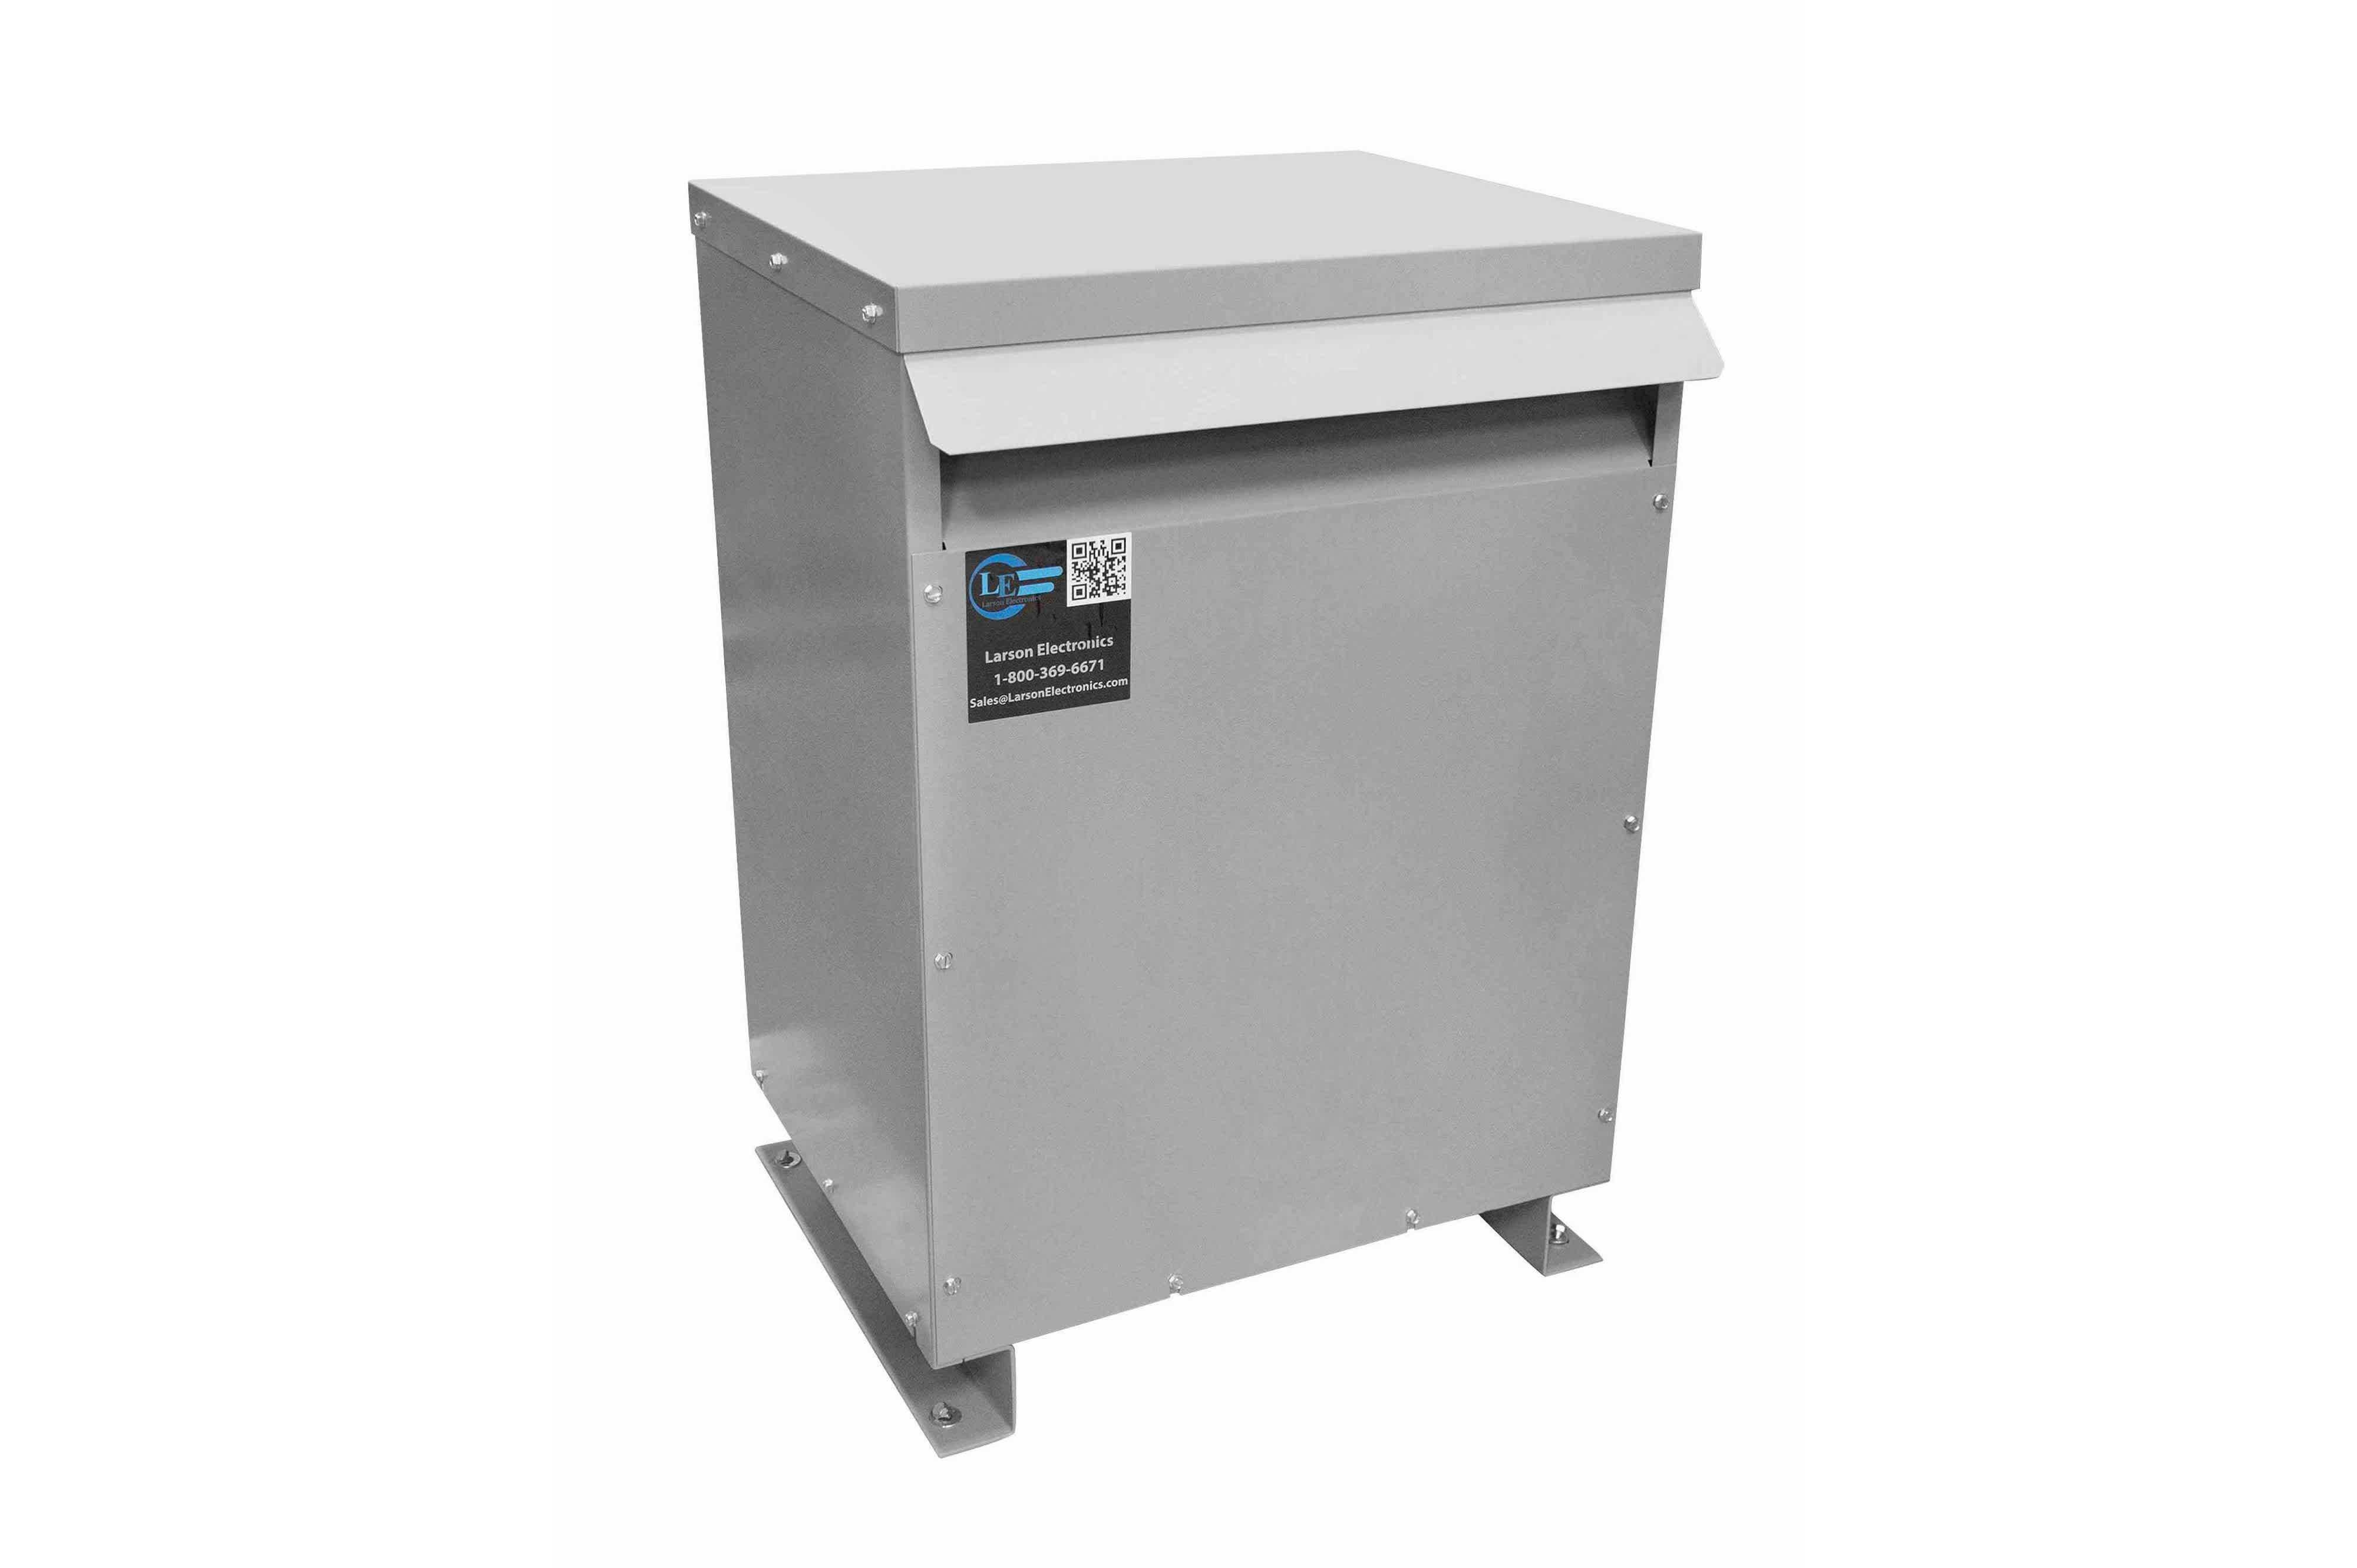 36 kVA 3PH Isolation Transformer, 600V Delta Primary, 415V Delta Secondary, N3R, Ventilated, 60 Hz